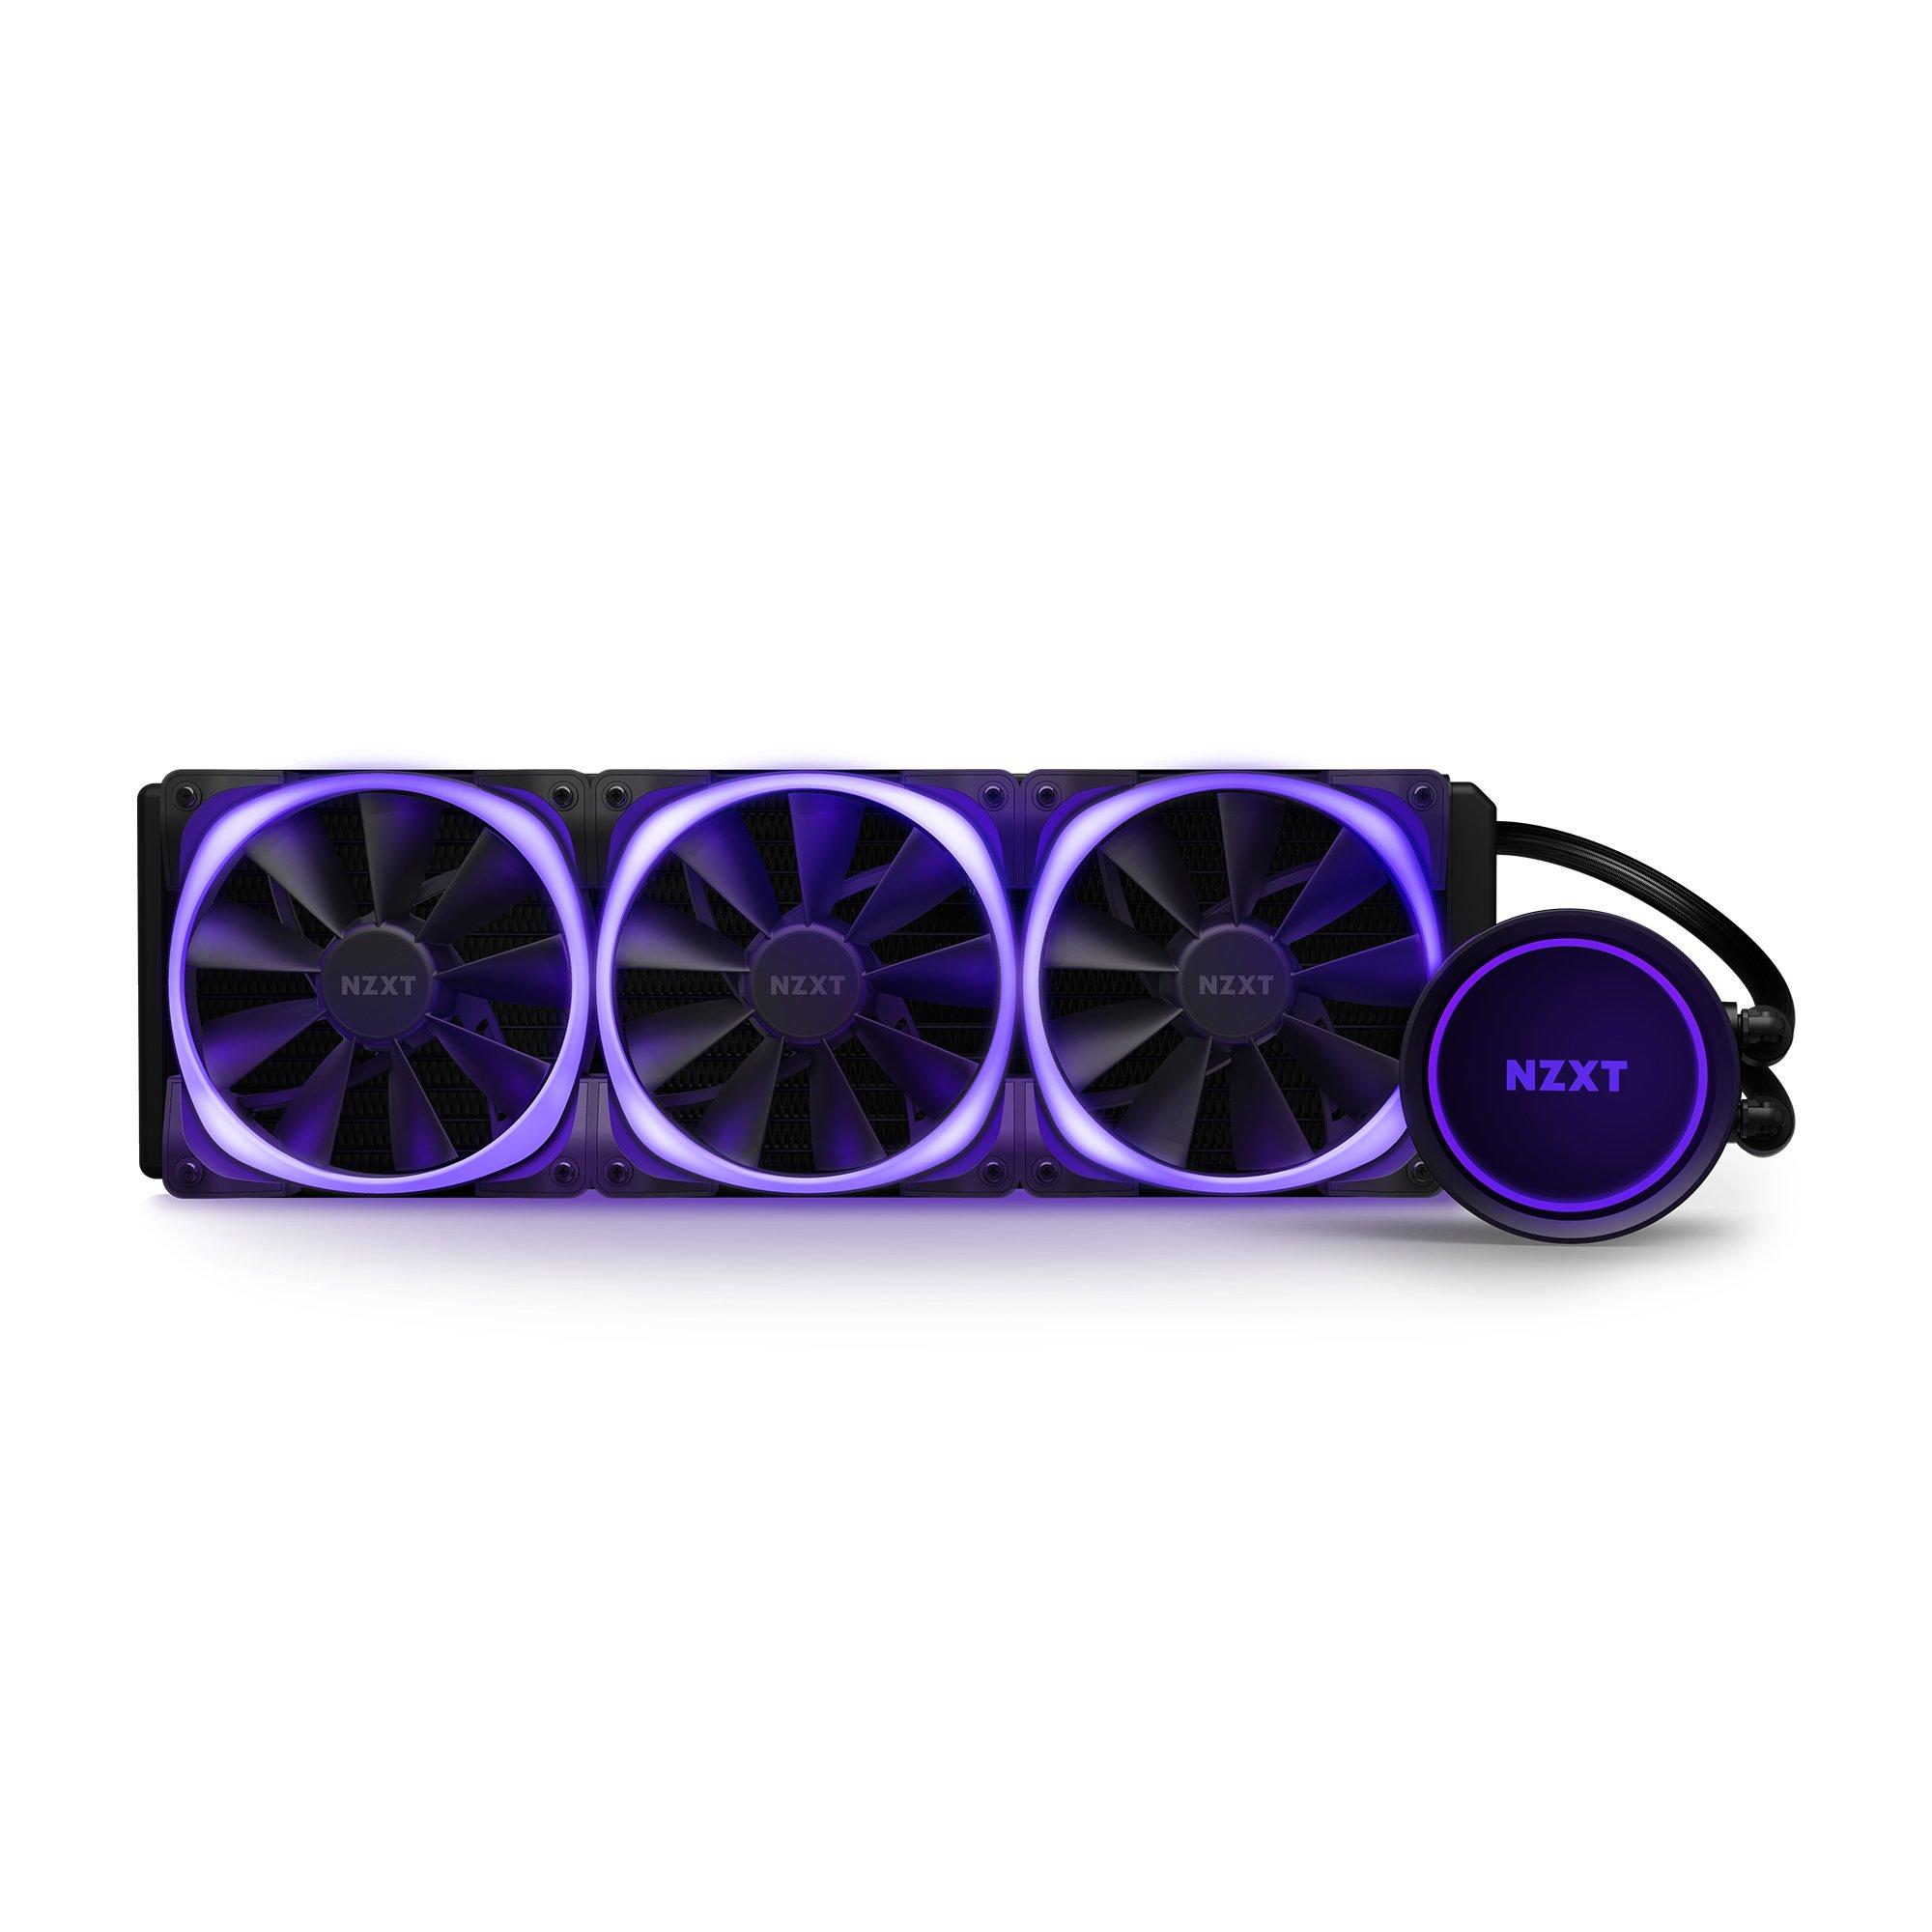 kraken-x73-rgbs_front_with-purple-fan.jpg